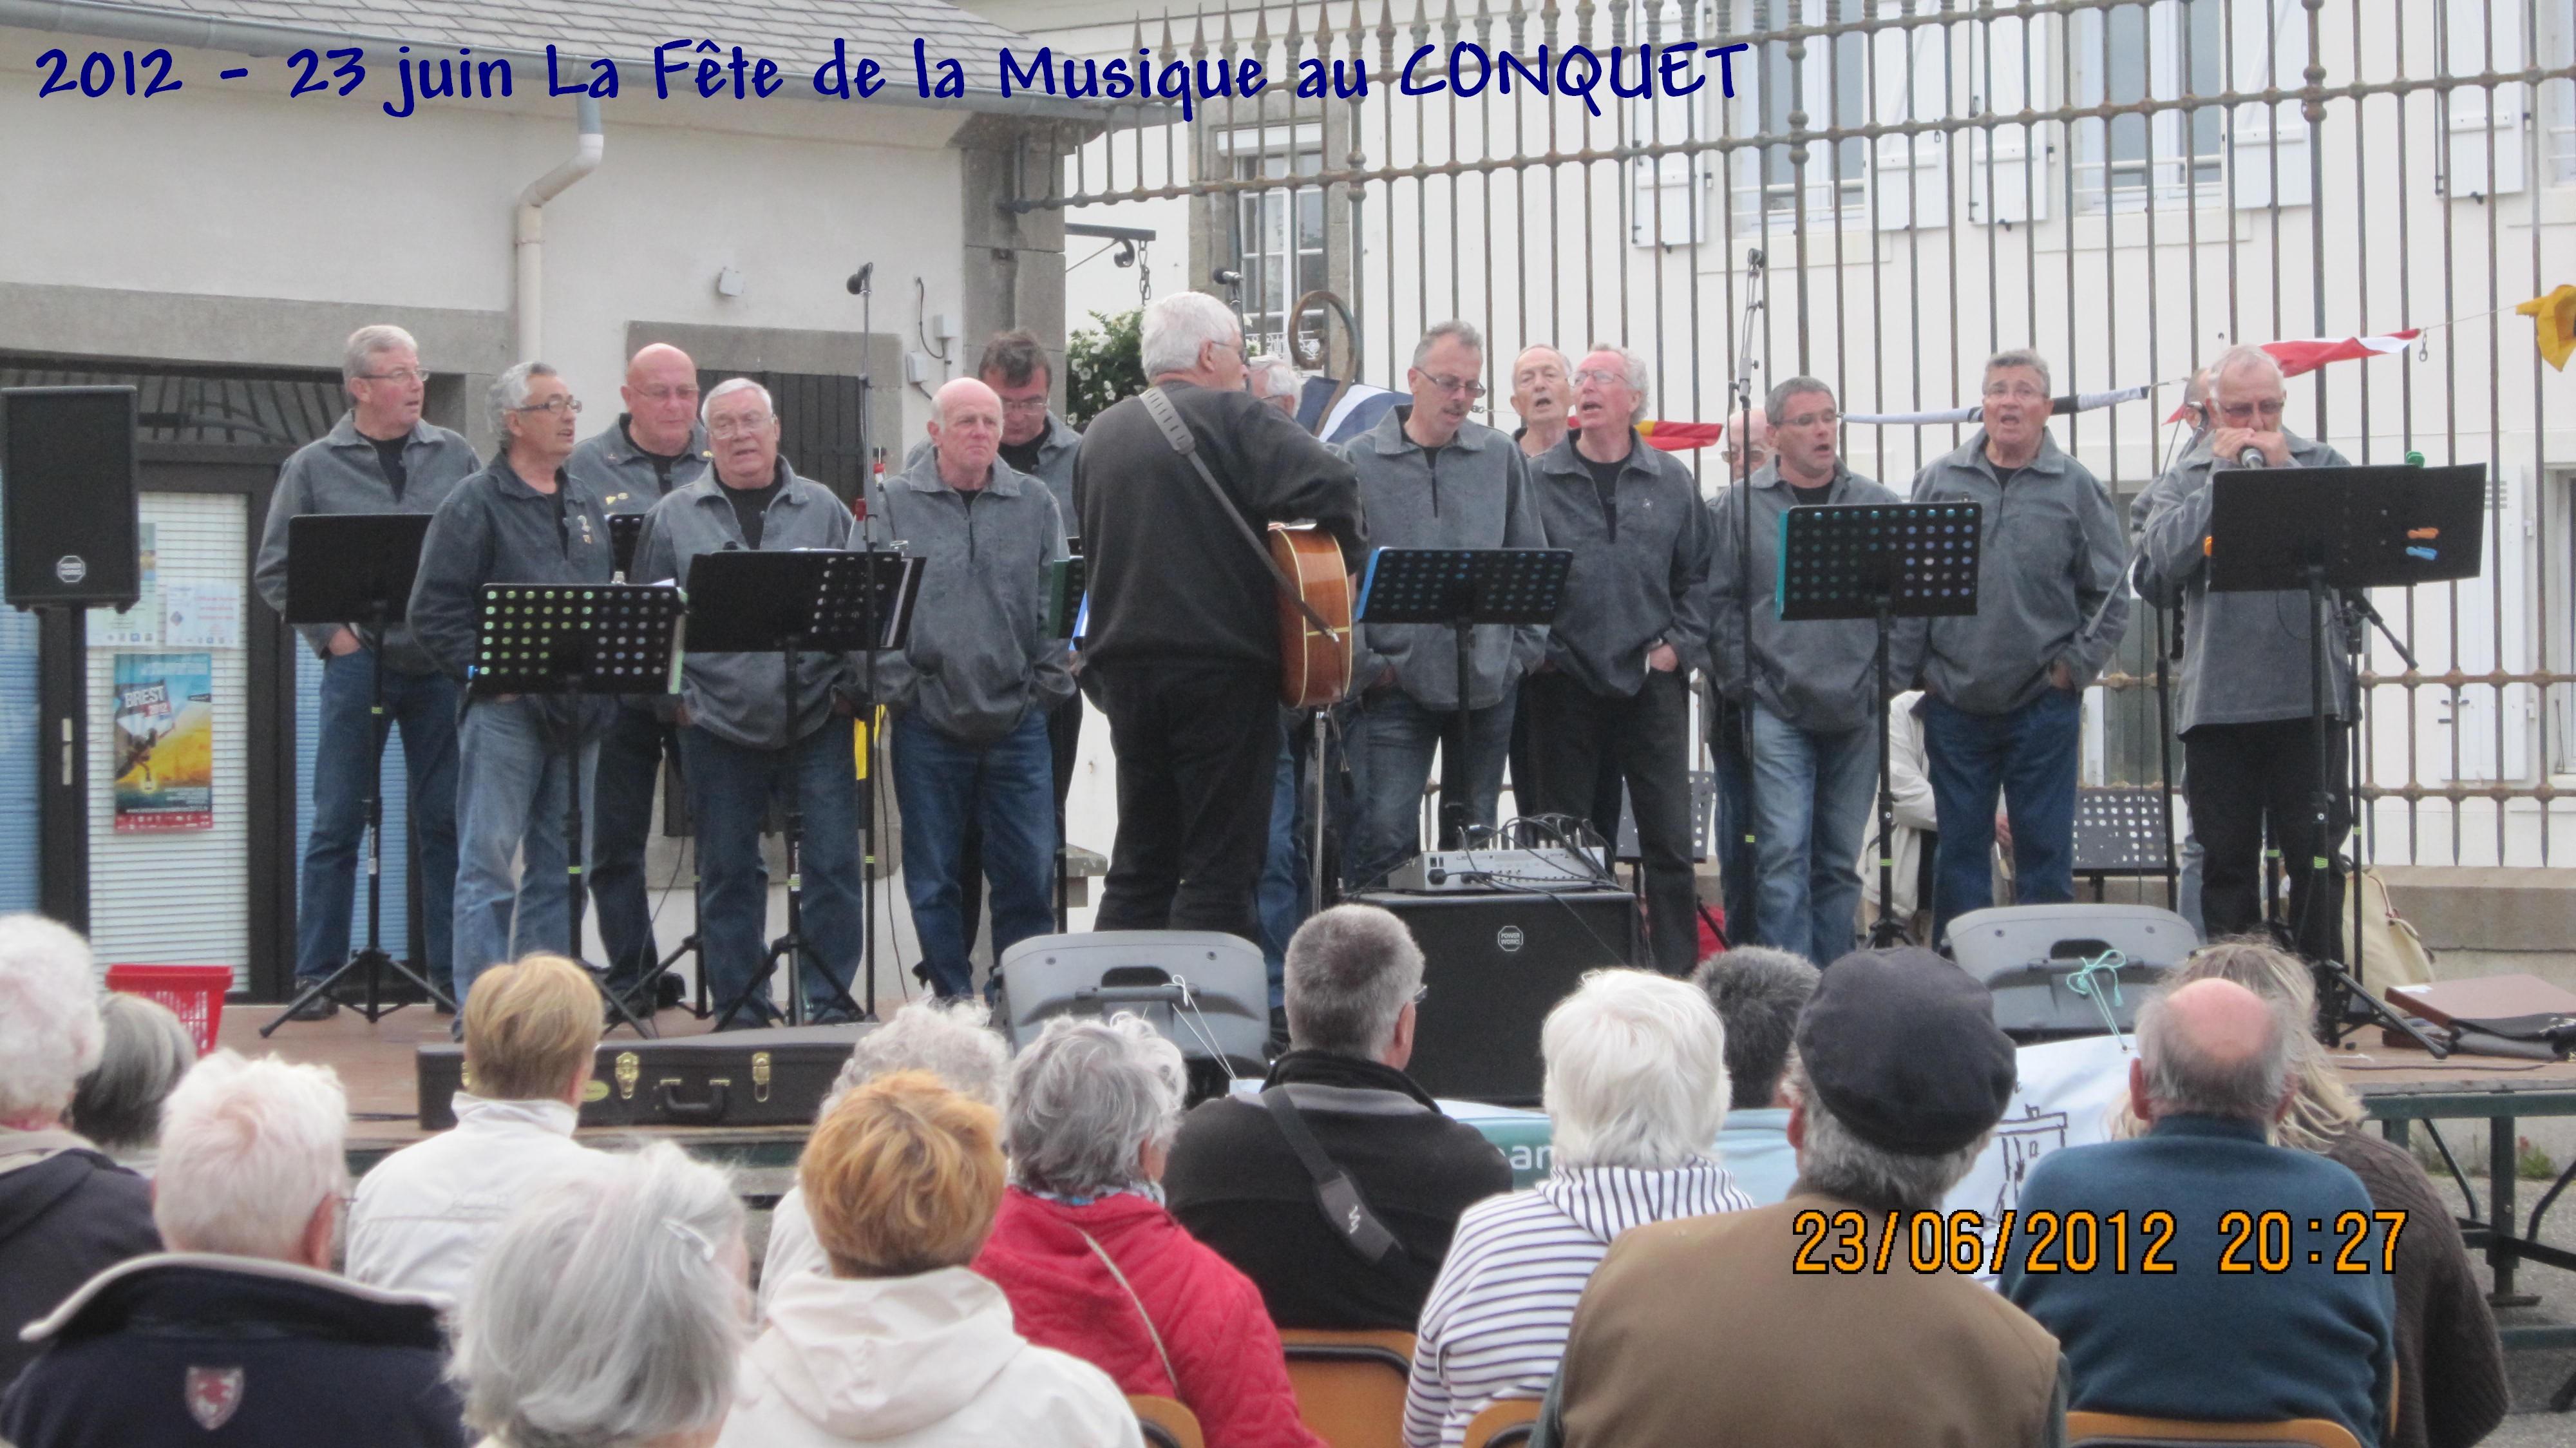 Gabiers à Paimpol 5 Aout 2012 007.jpg